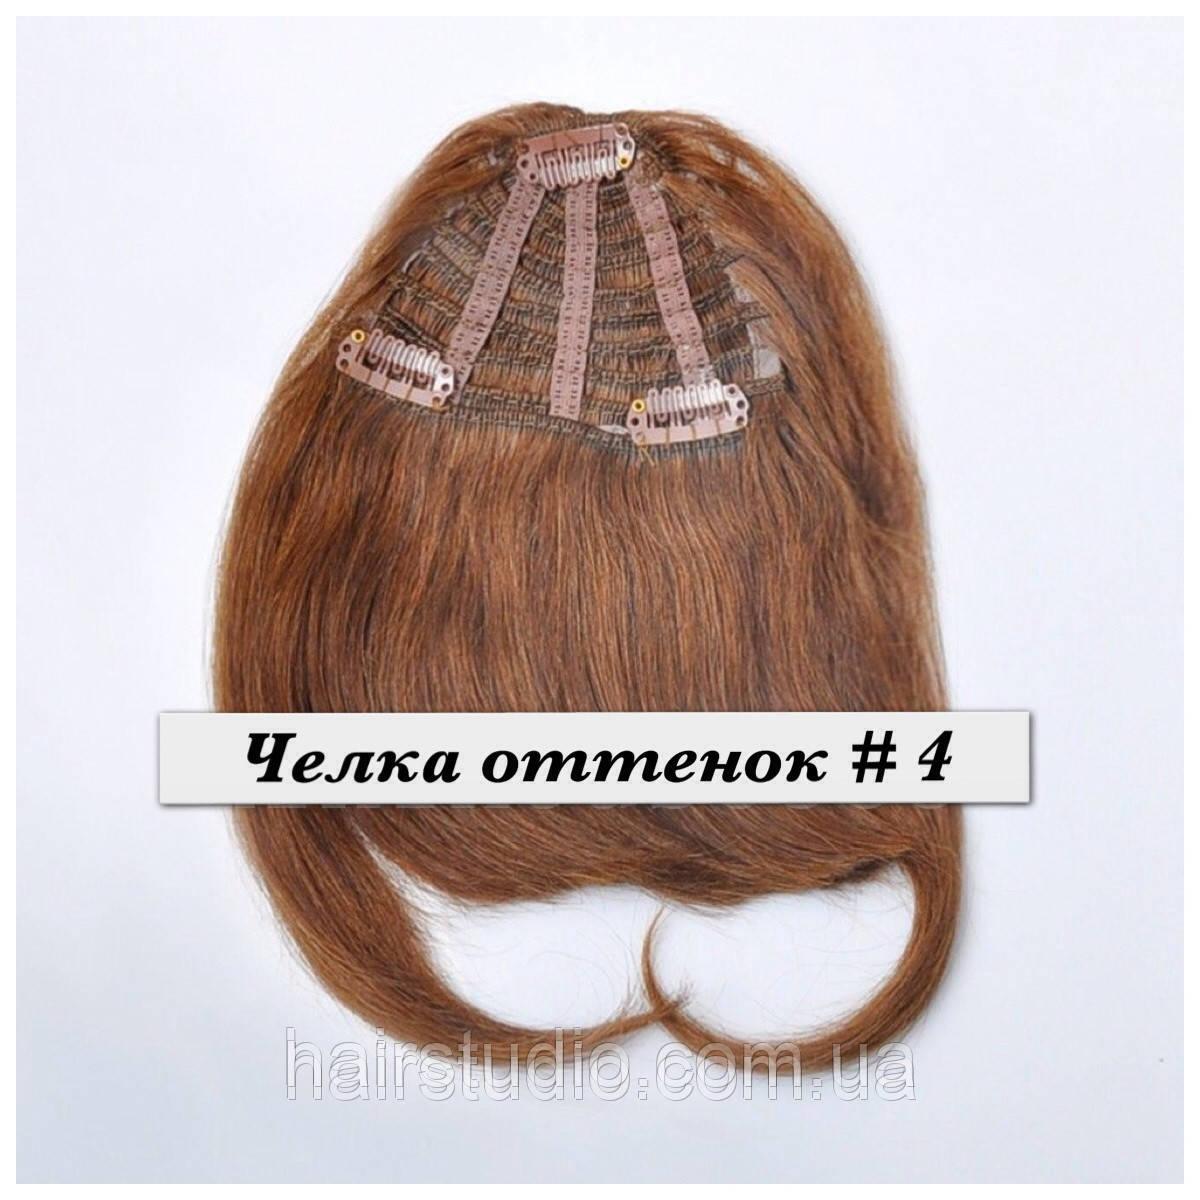 Накладная челка из натуральных волосоттенок №4 25 грамм